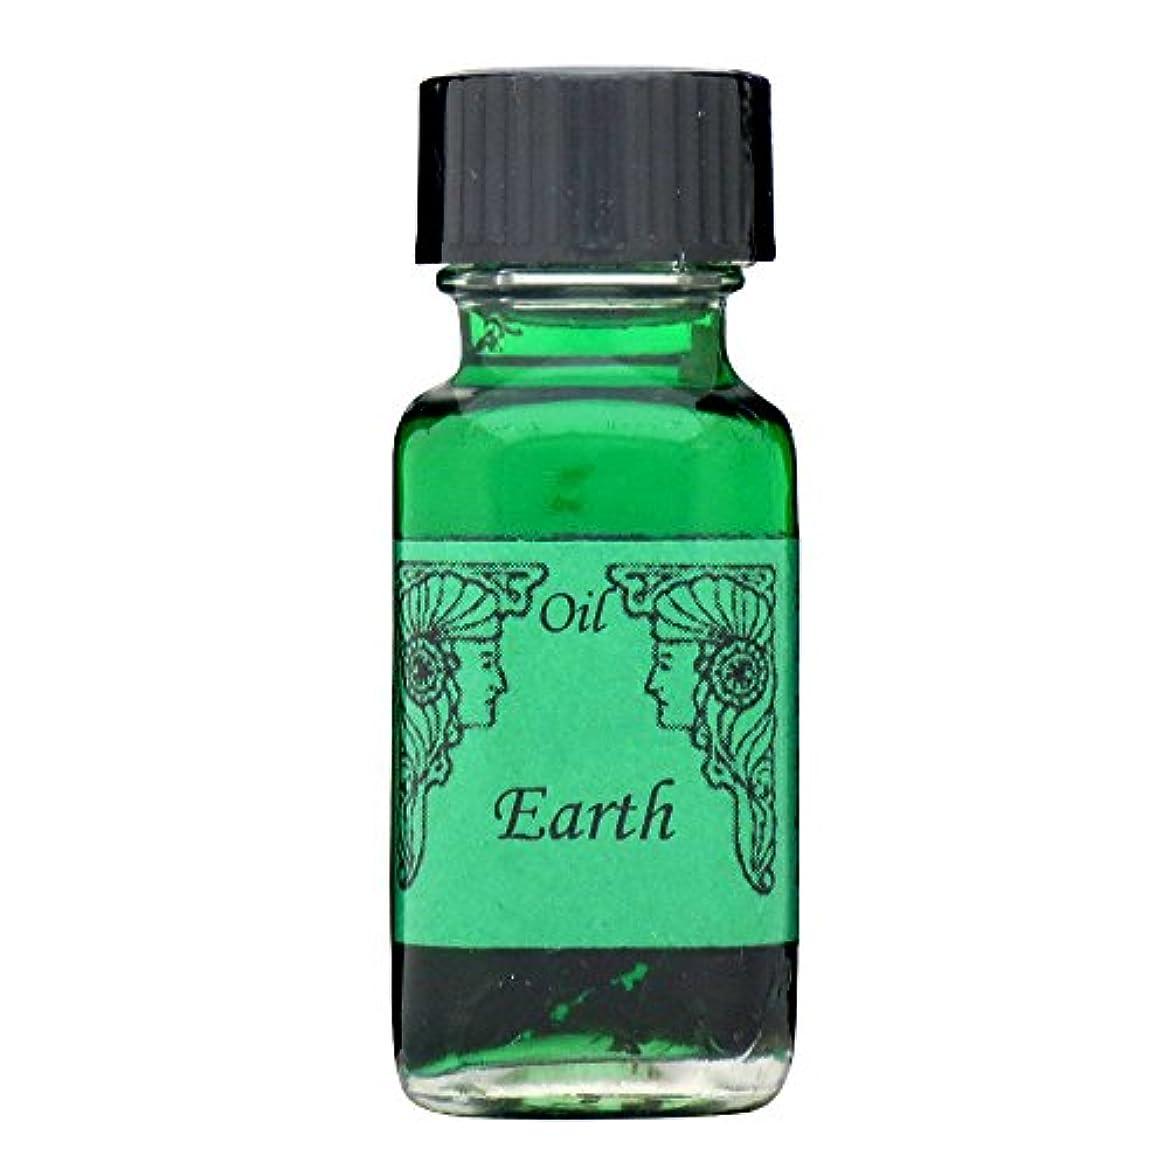 今ファントム邪悪なアンシェントメモリーオイル アース (地) 15ml (Ancient Memory Oils)